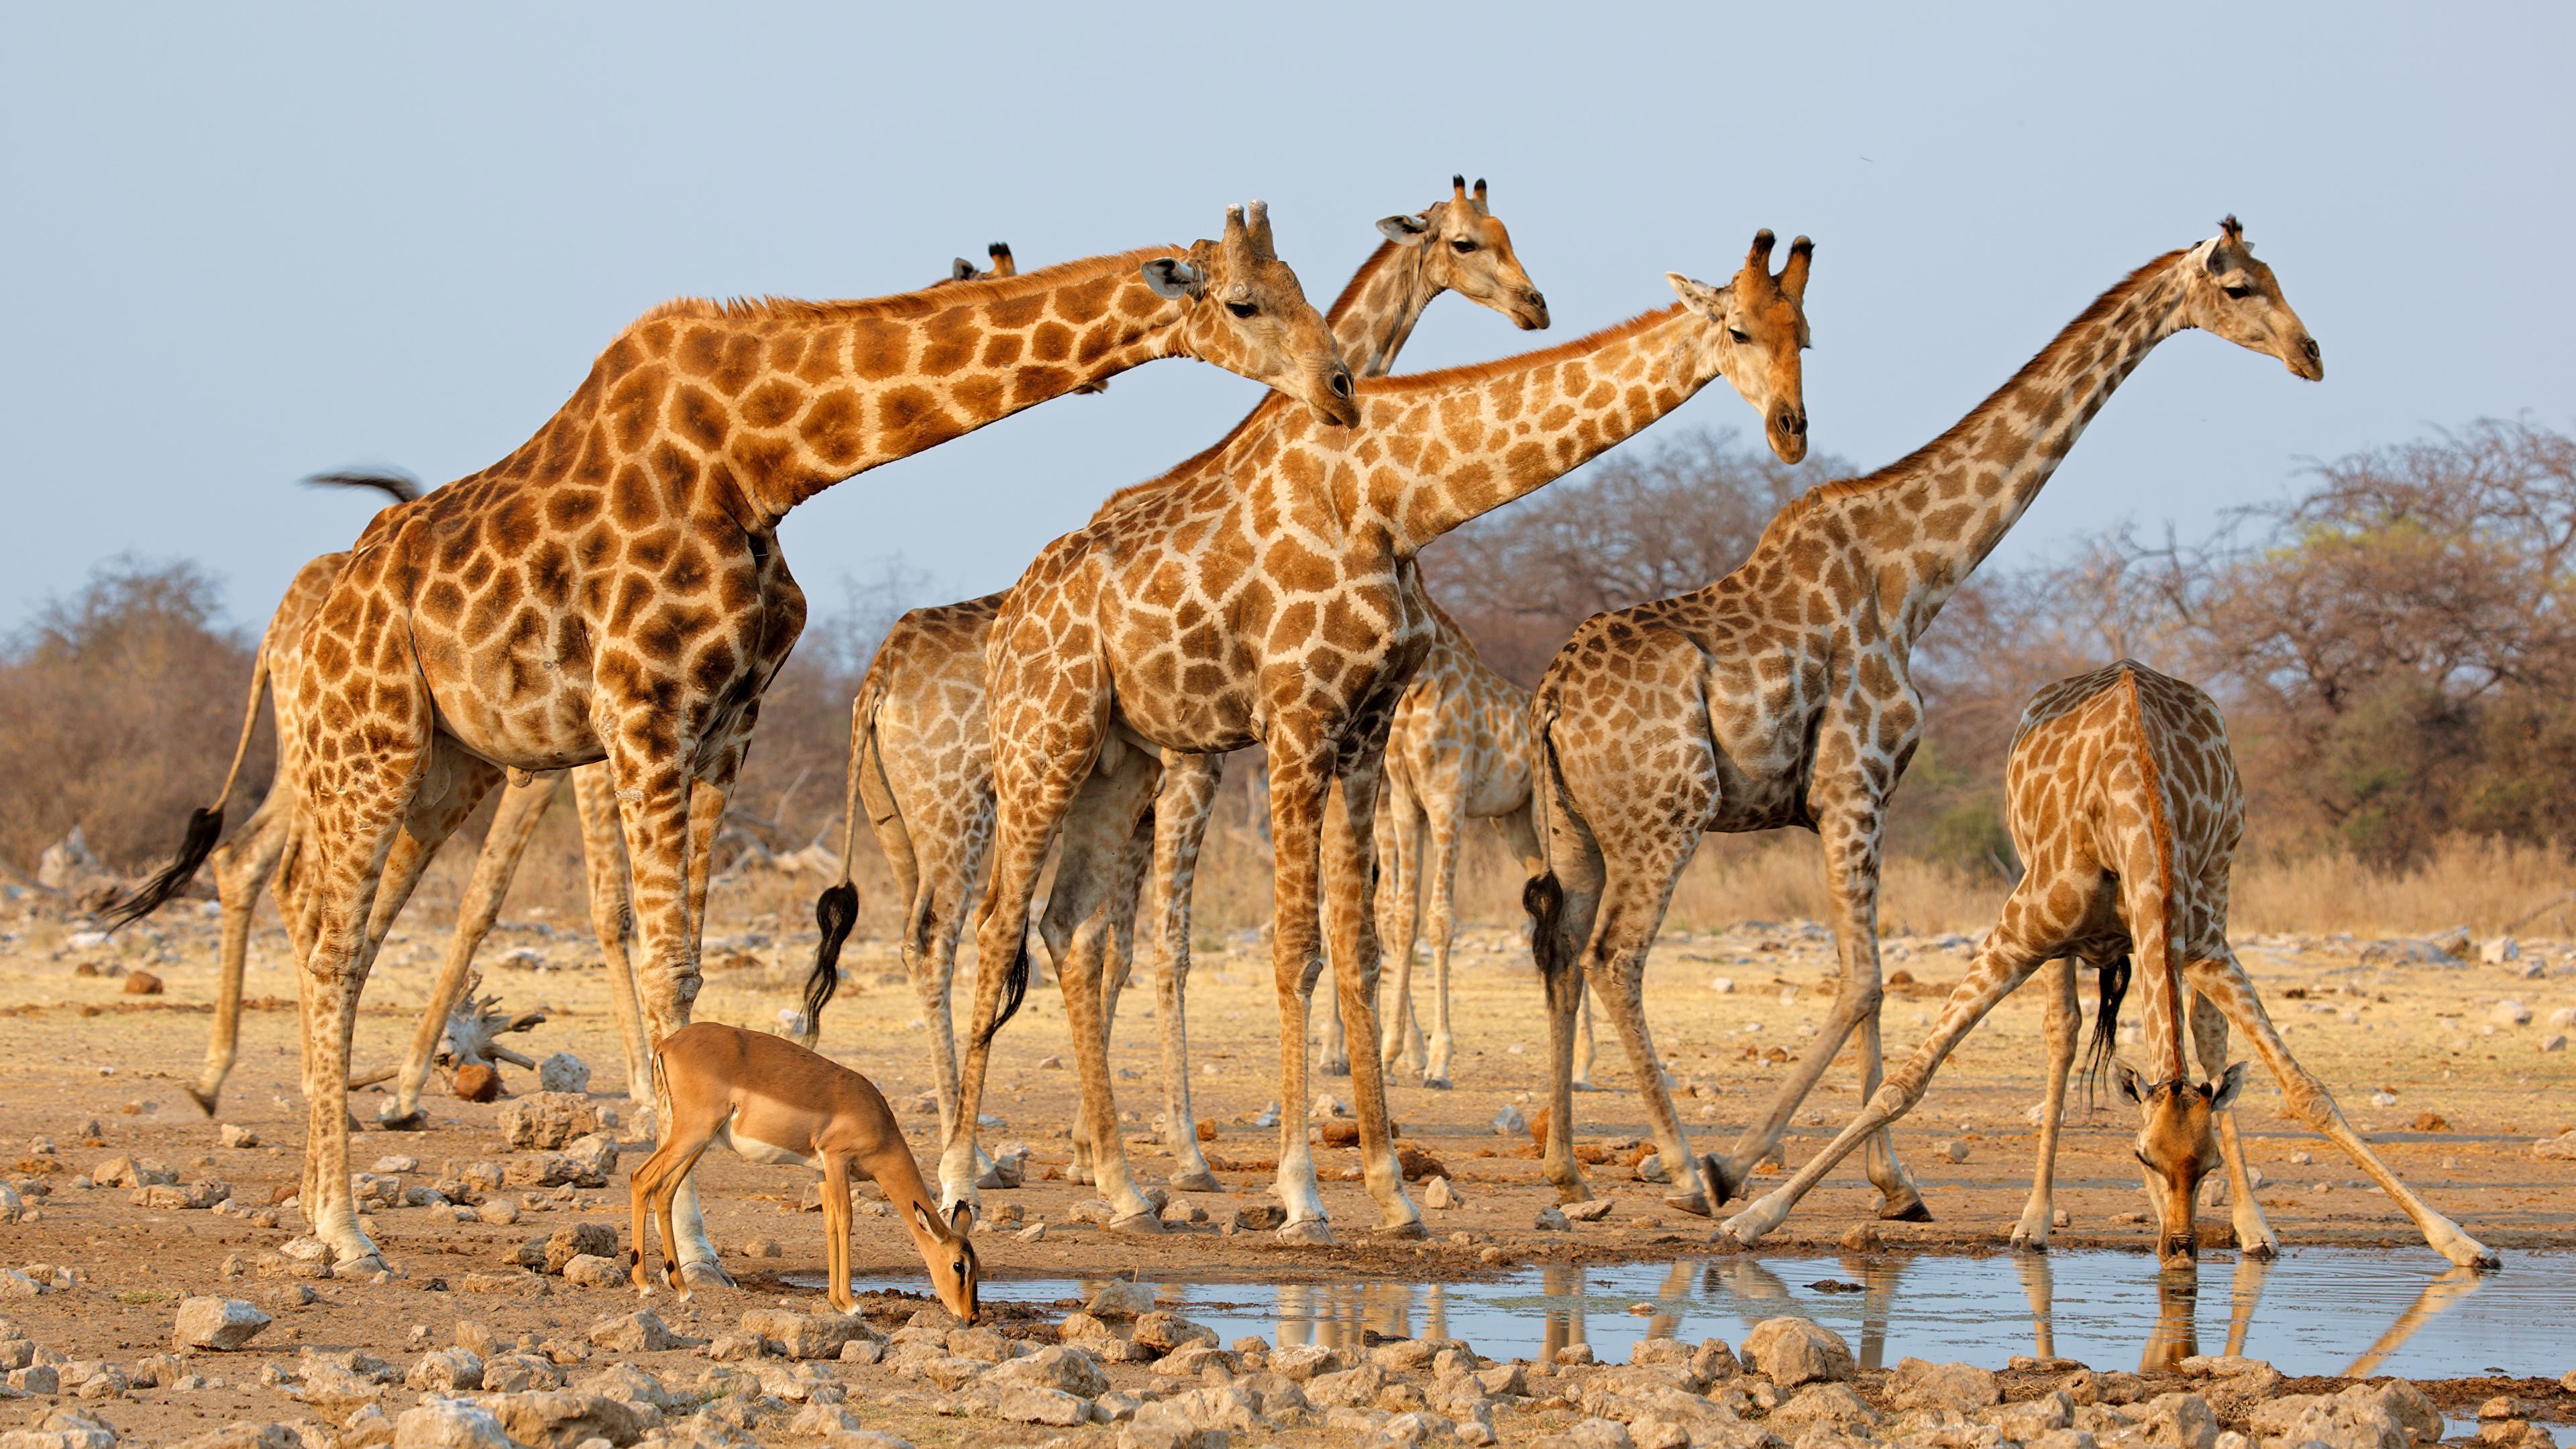 ДНК показала, что жирафы — это не один вид, а четыре